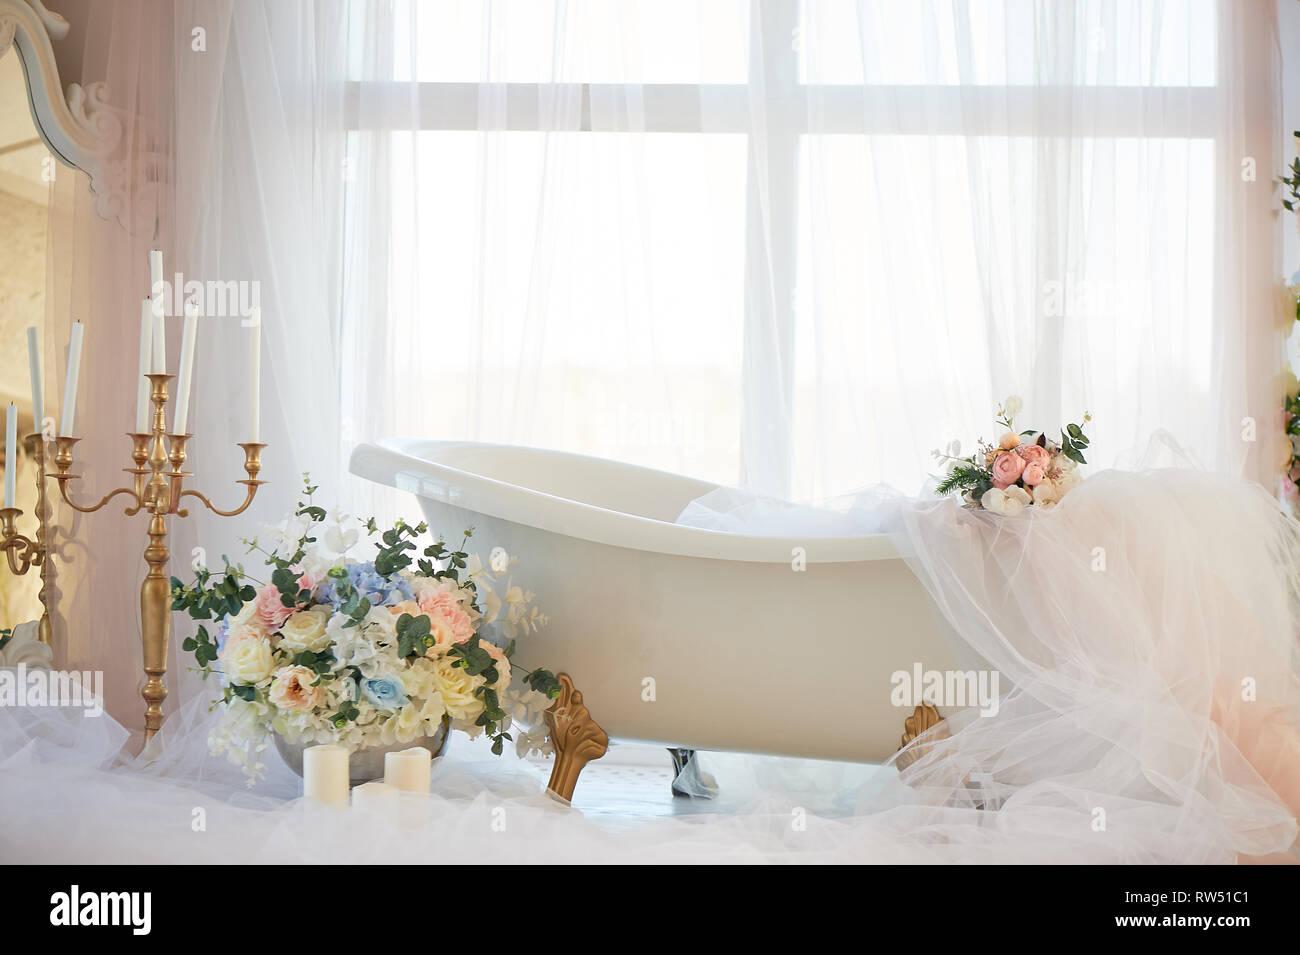 Badewanne auf Golden Lion's Pfoten. Die Atmosphäre von Romantik und Liebe. Helle Einrichtung, Chiffon, Blumen. Stockbild